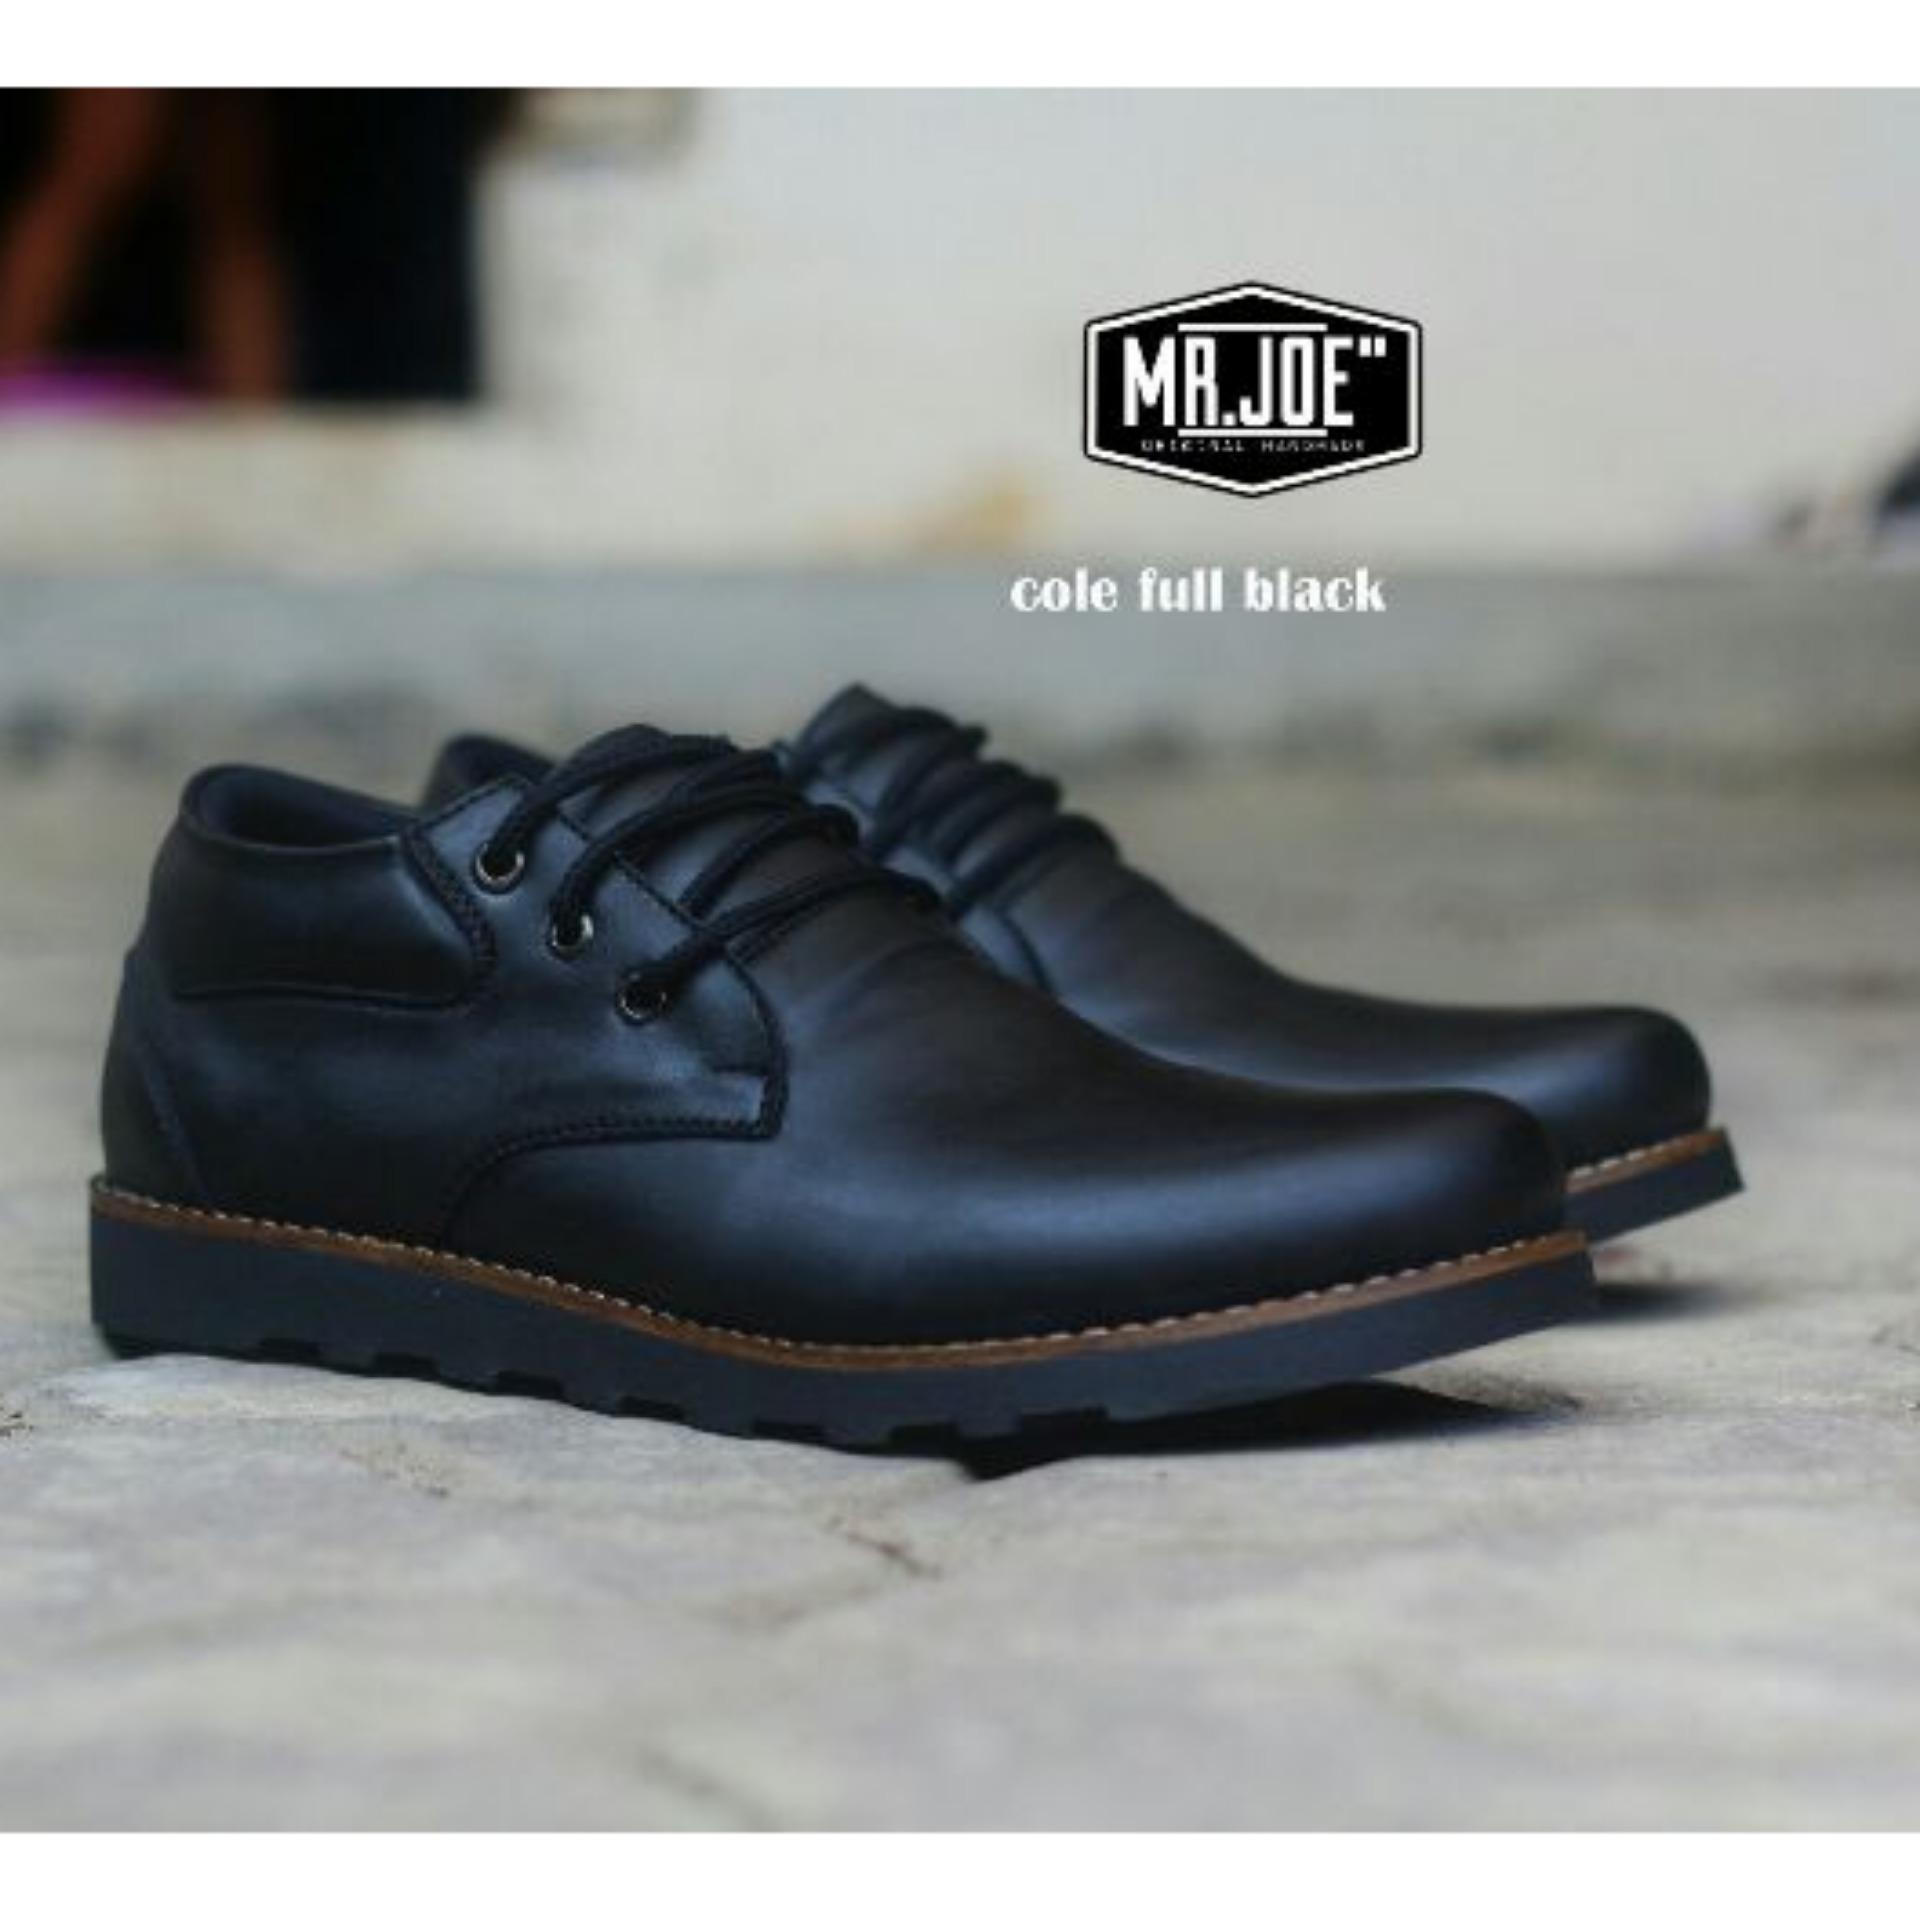 Sepatu Semi Boots Casual Pria - MR JOE COLE - Full Black